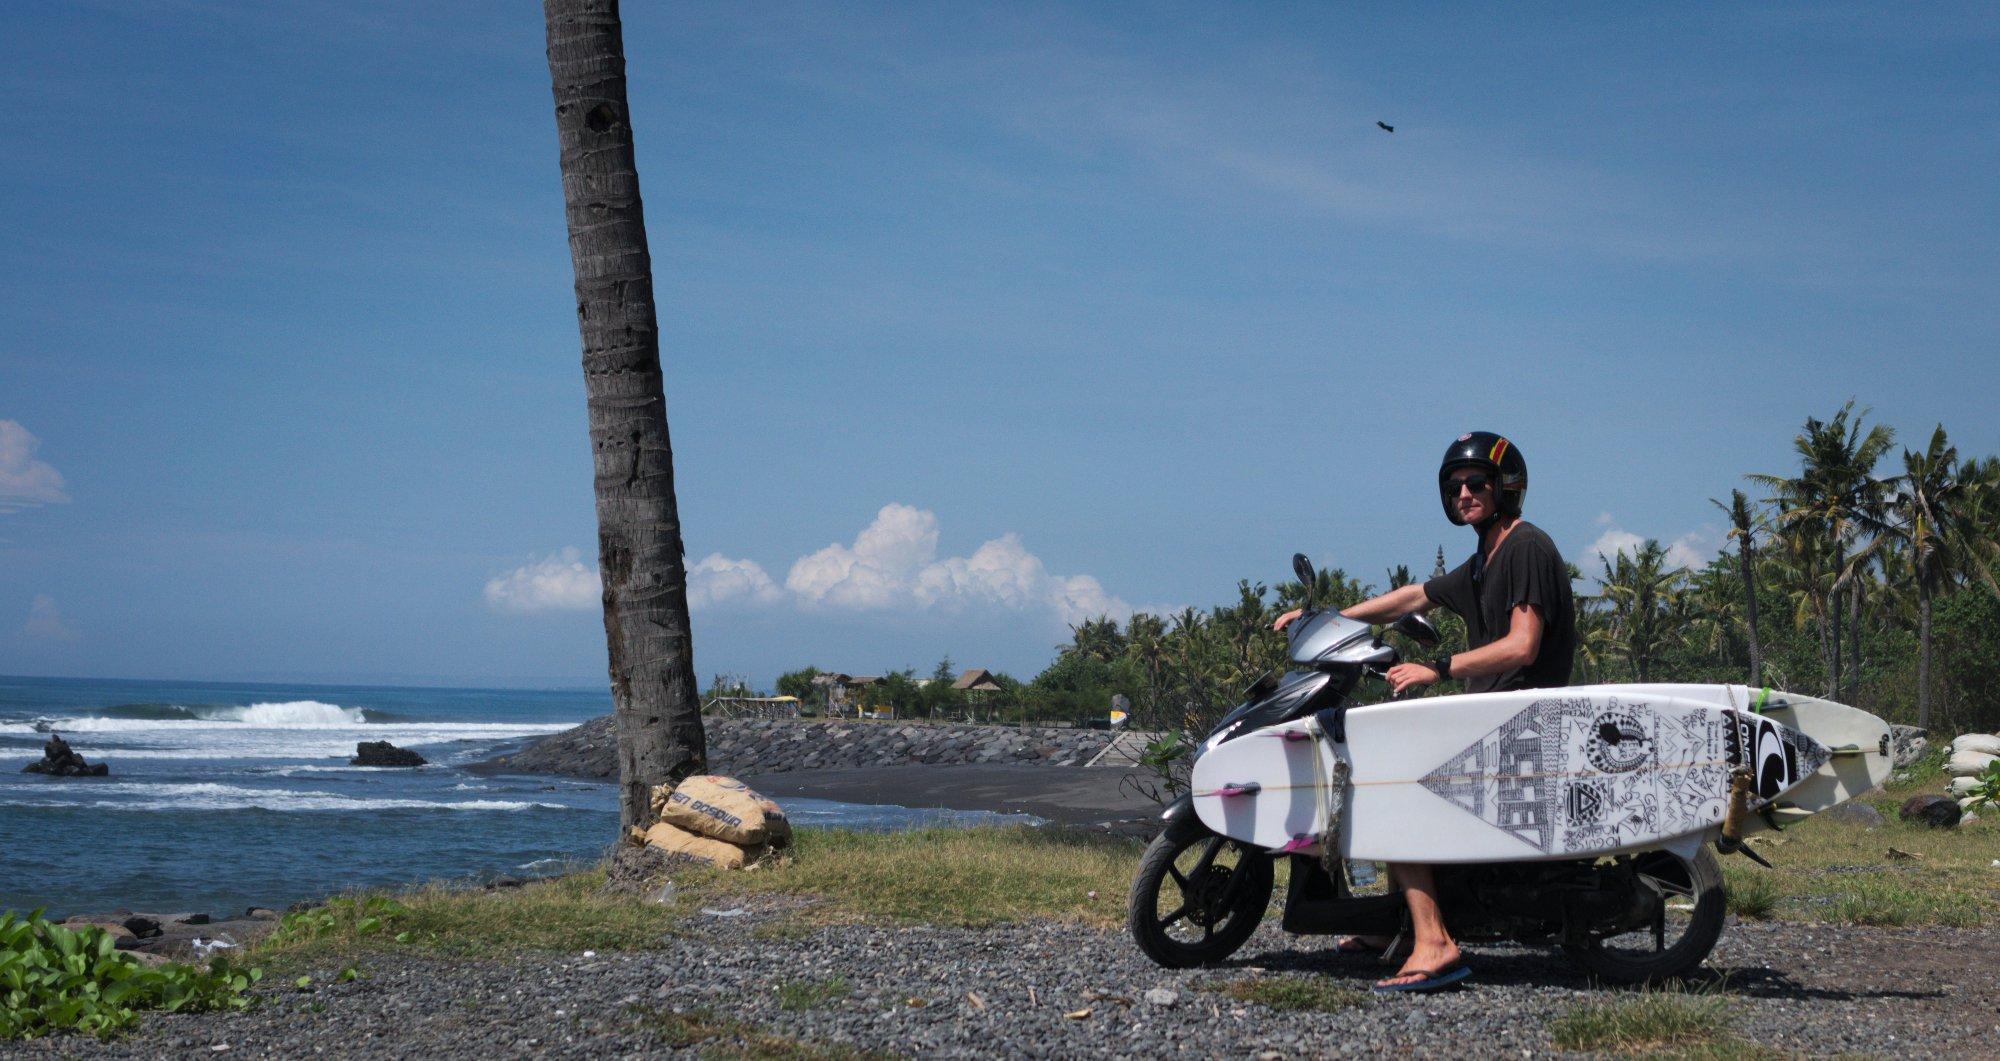 """""""Wir haben mal in Kuta, mal in Canggu und mal in Sanur gewohnt. Mit Scooter bist du flexibel und kannst jeden Morgen entscheiden, wo du heute surfen möchtest."""""""